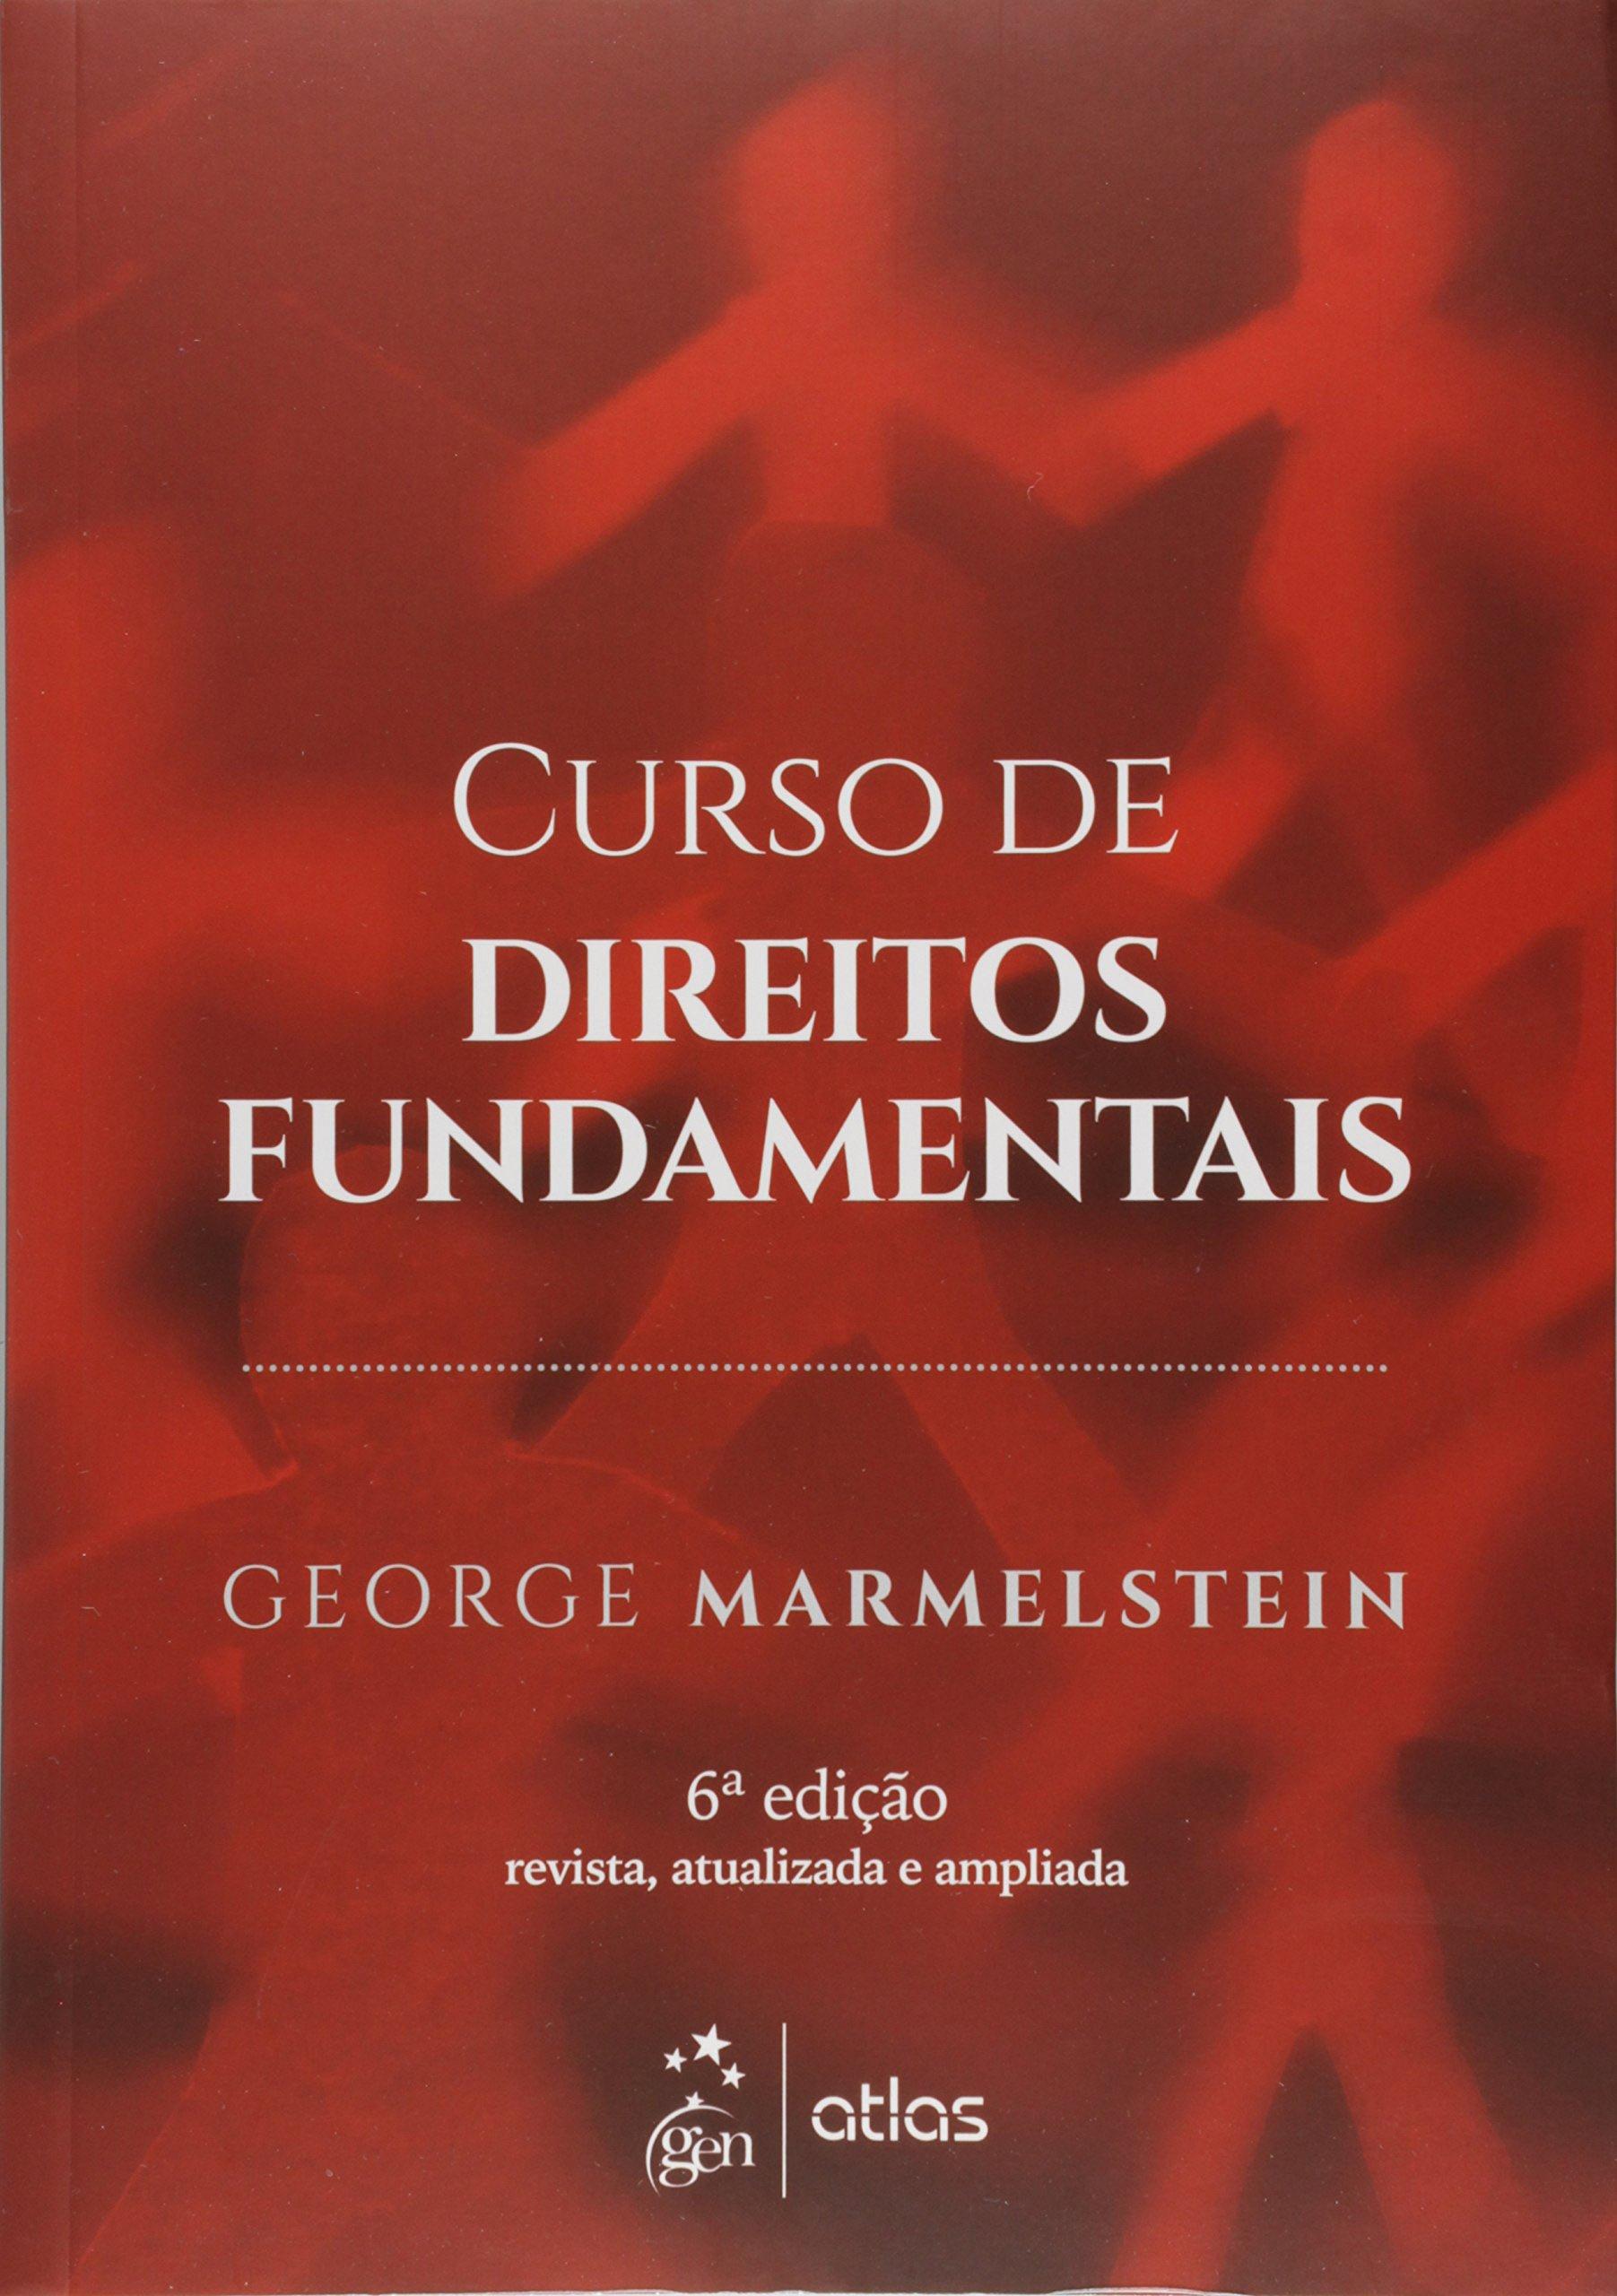 marmelstein george. curso de direitos fundamentais.